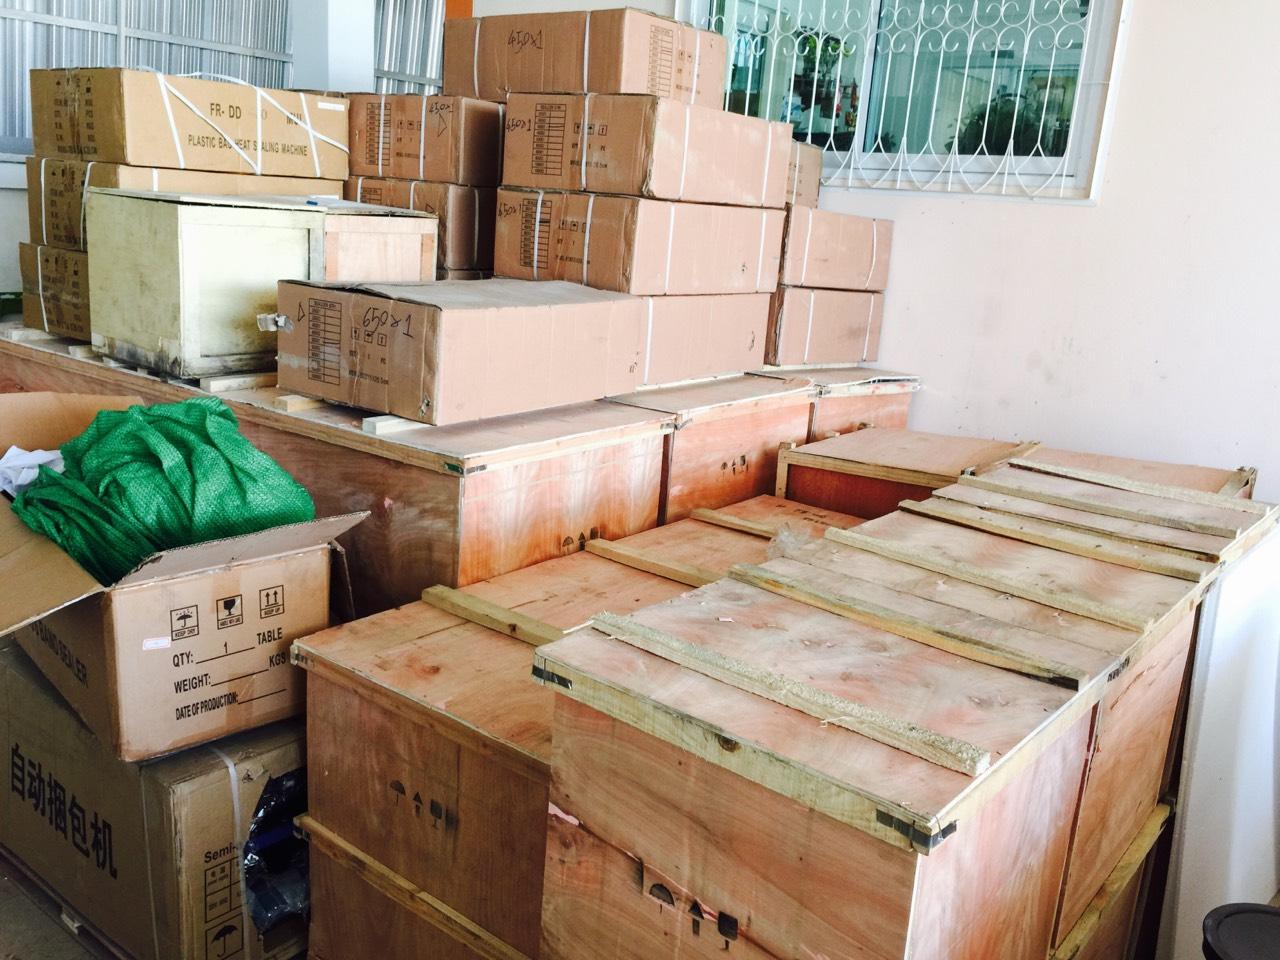 บริษัท หัวเหรียญอินเตอร์แพ็ค จำกัด เชียงใหม่ 022